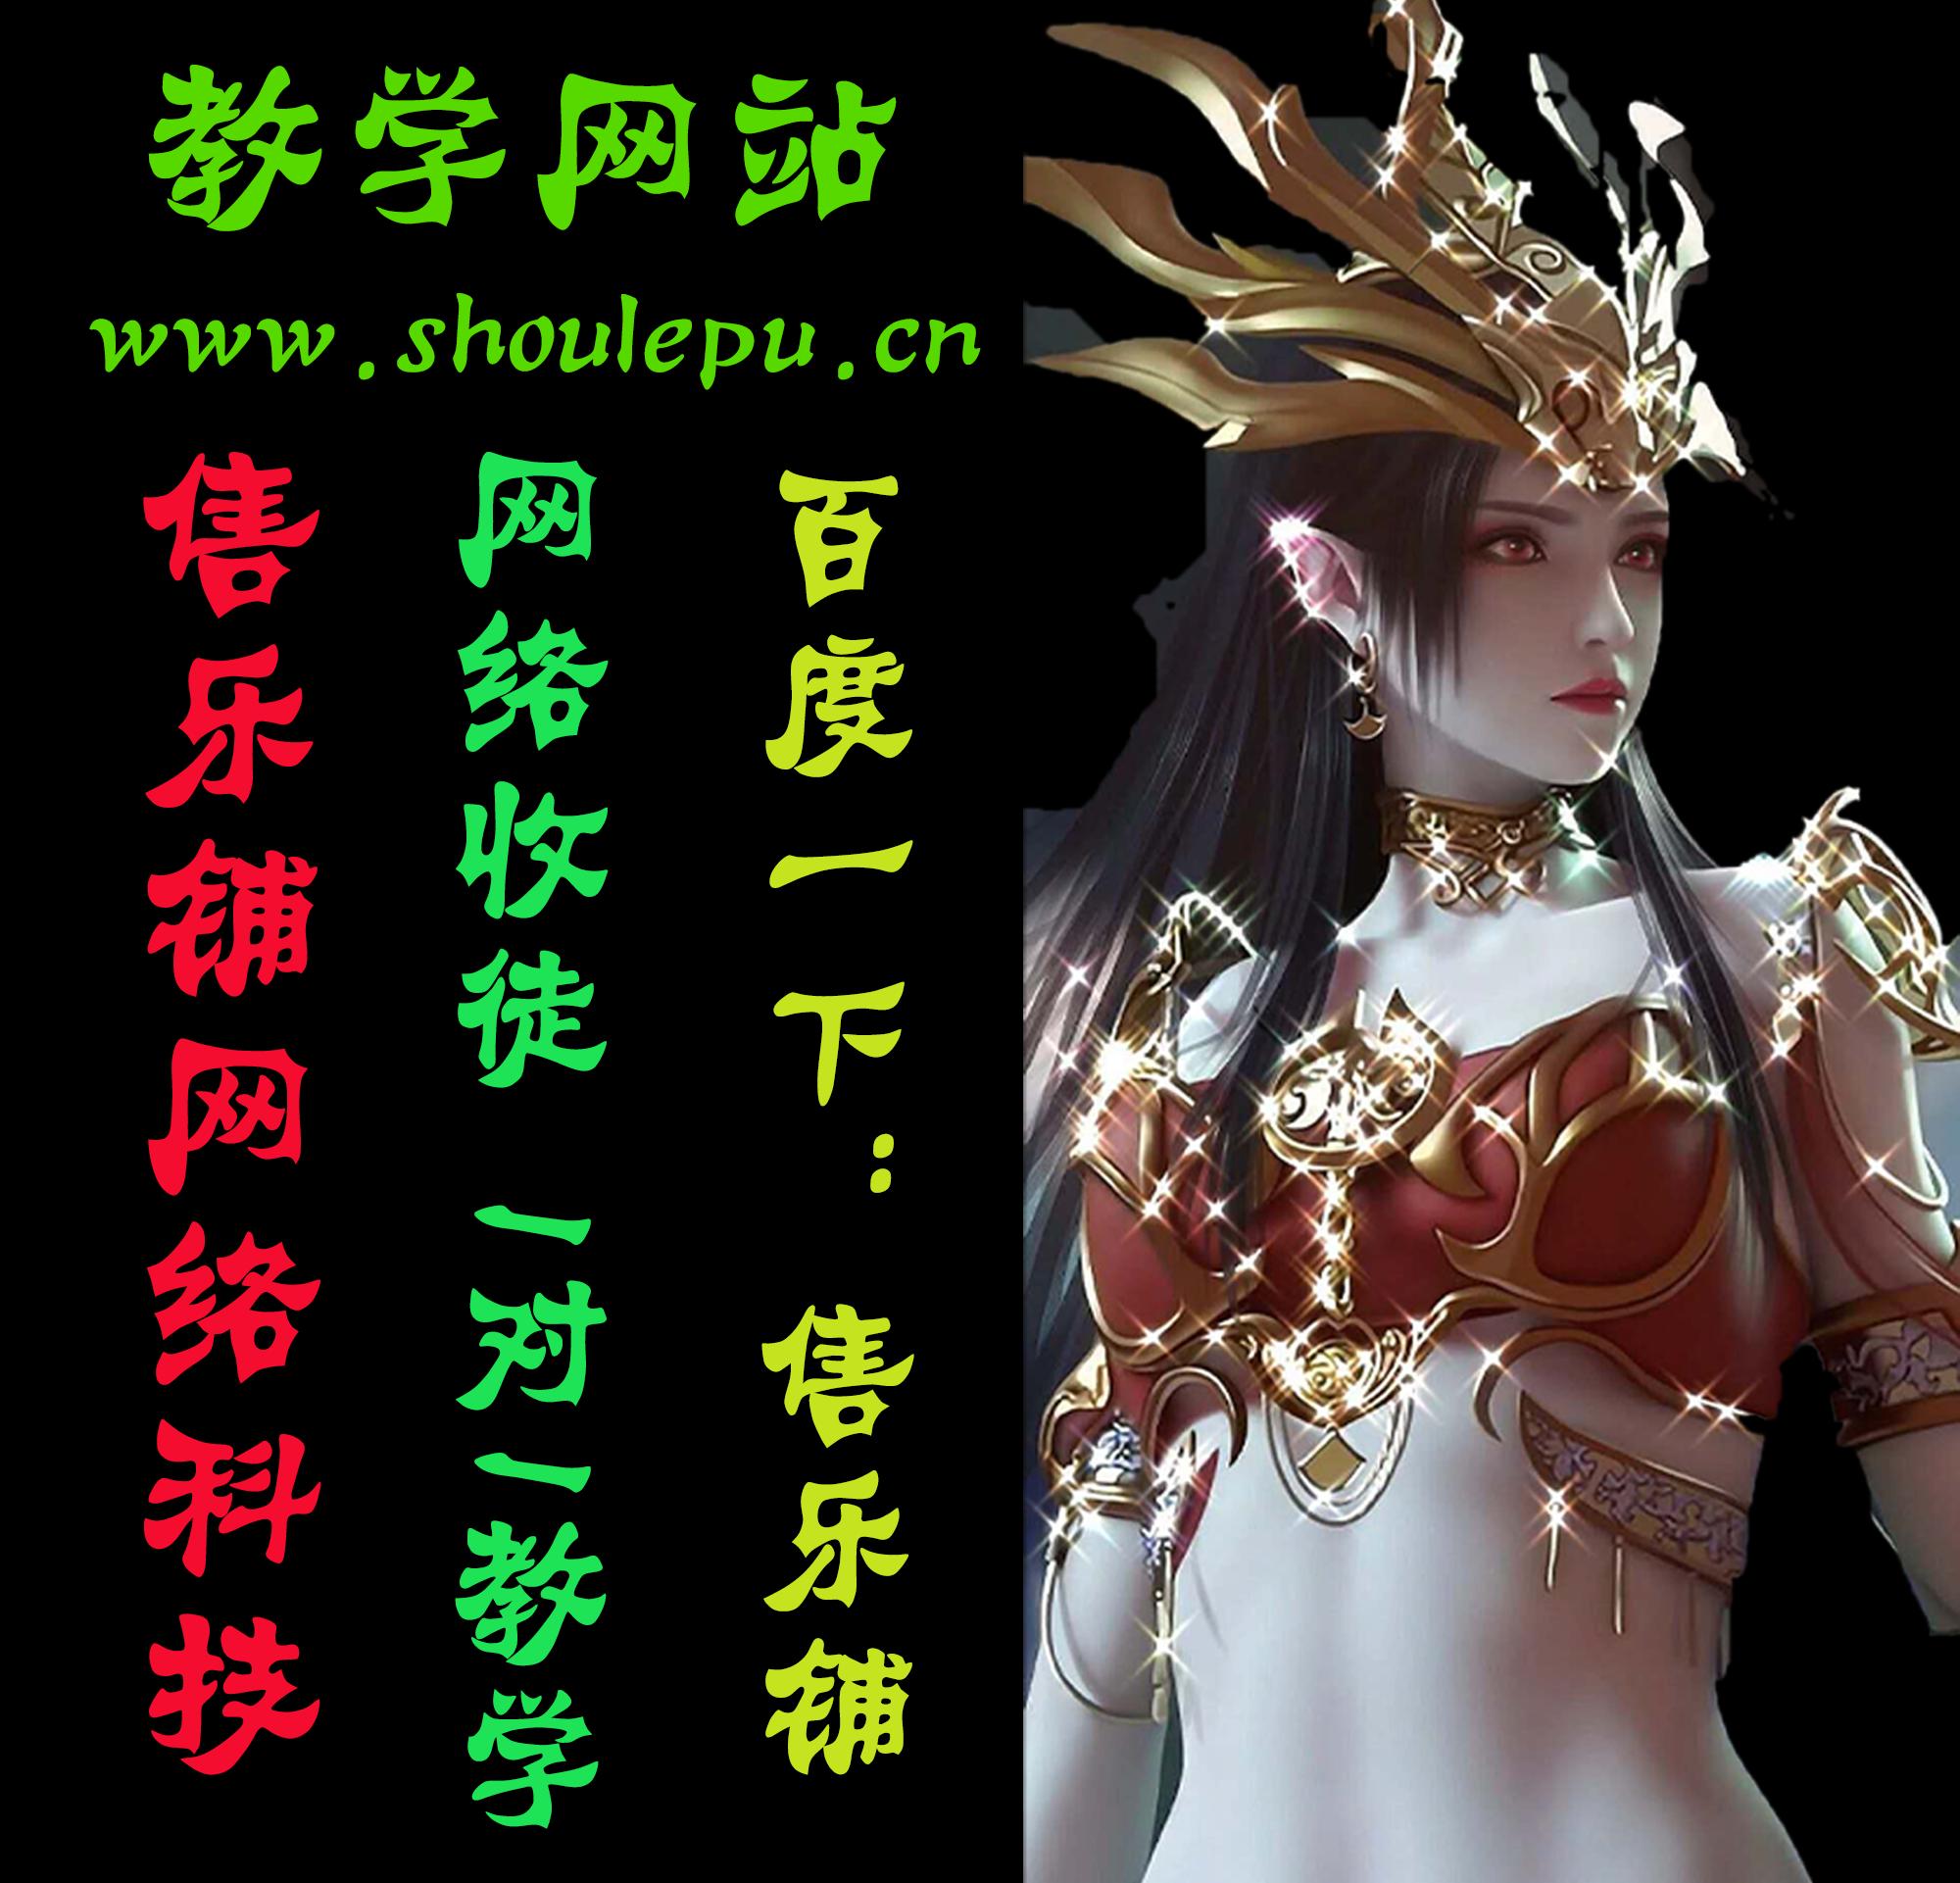 售乐铺网络科技新增广告图片,取决于美杜莎女王的动漫版图片-售乐铺资源网